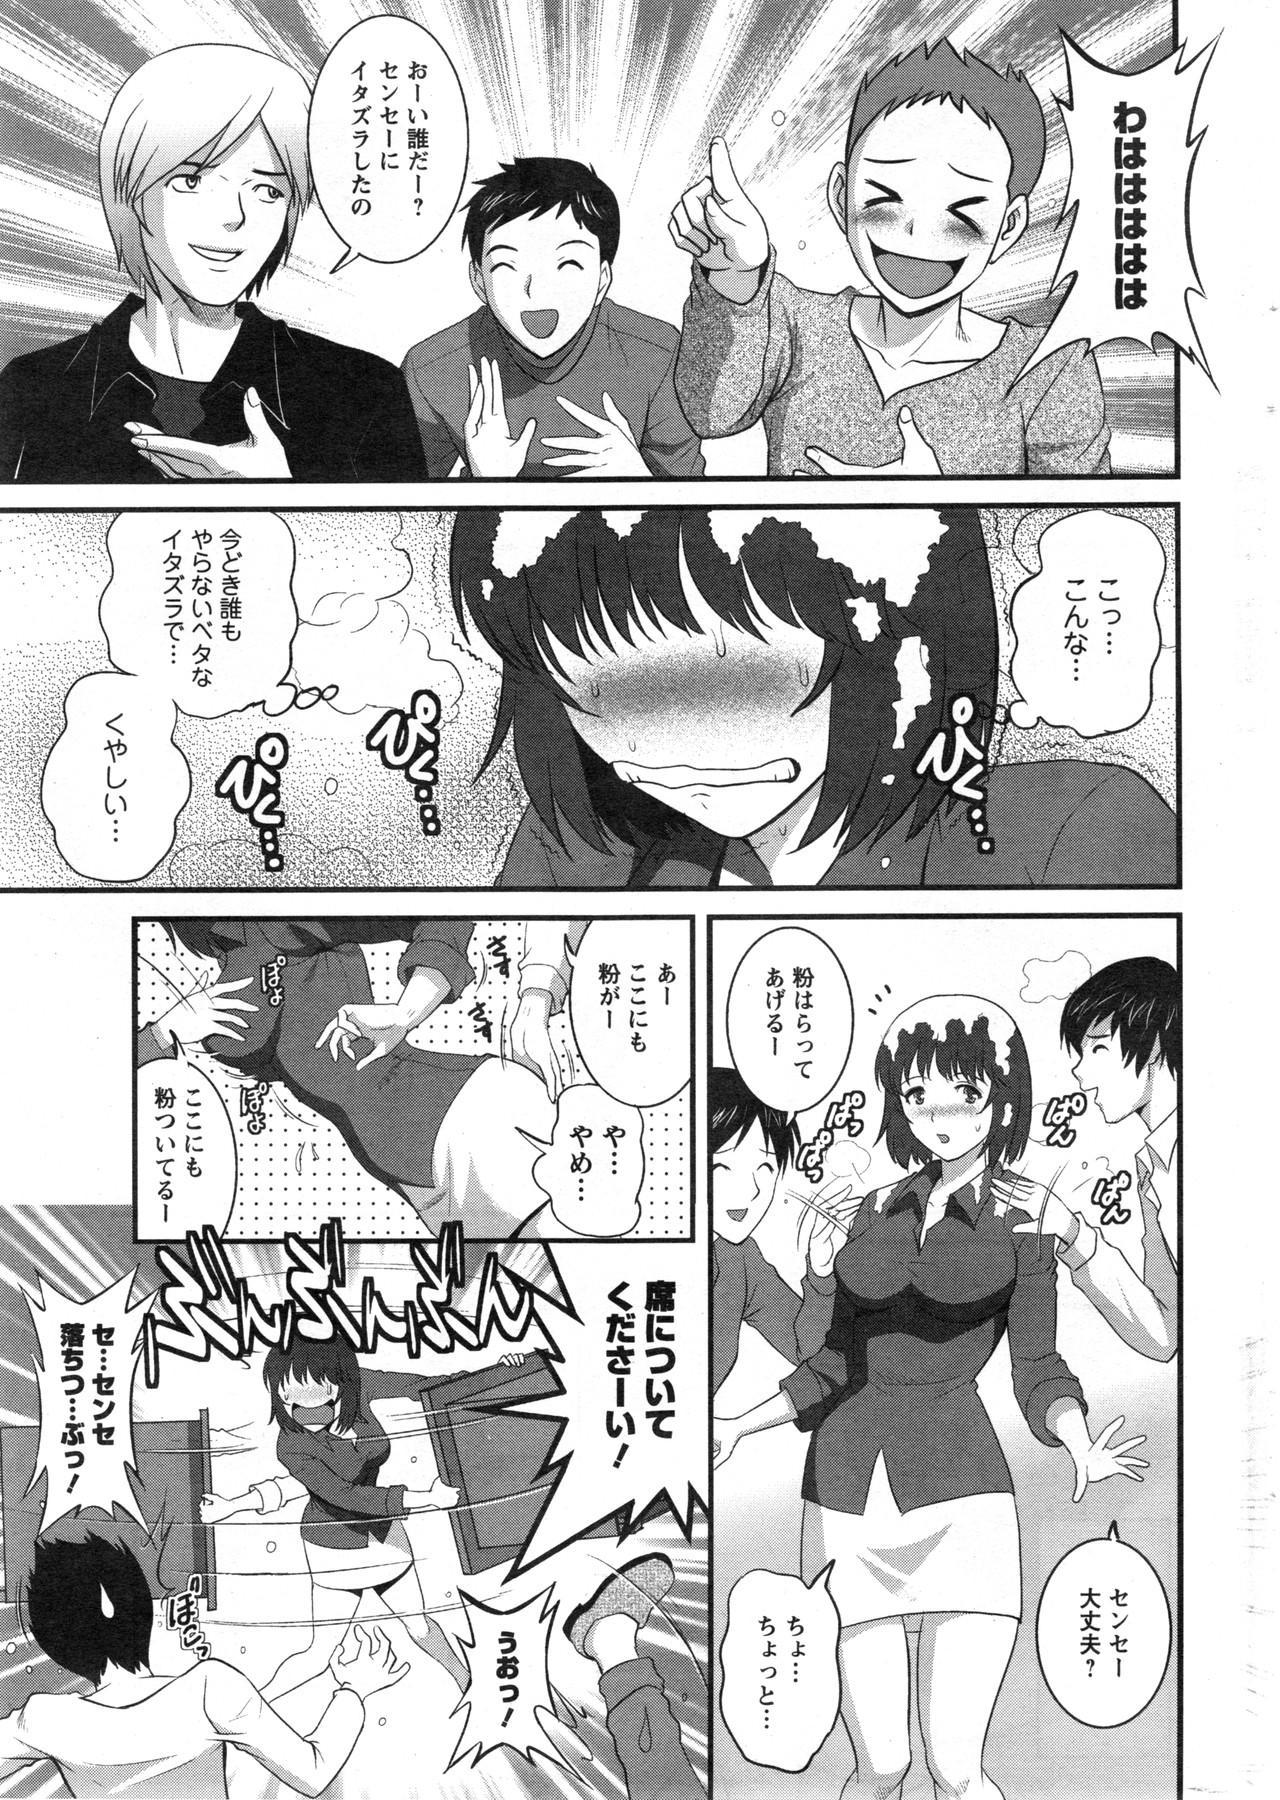 [Saigado] Hitozuma Jokyoushi Main-san Ch.01-10 22